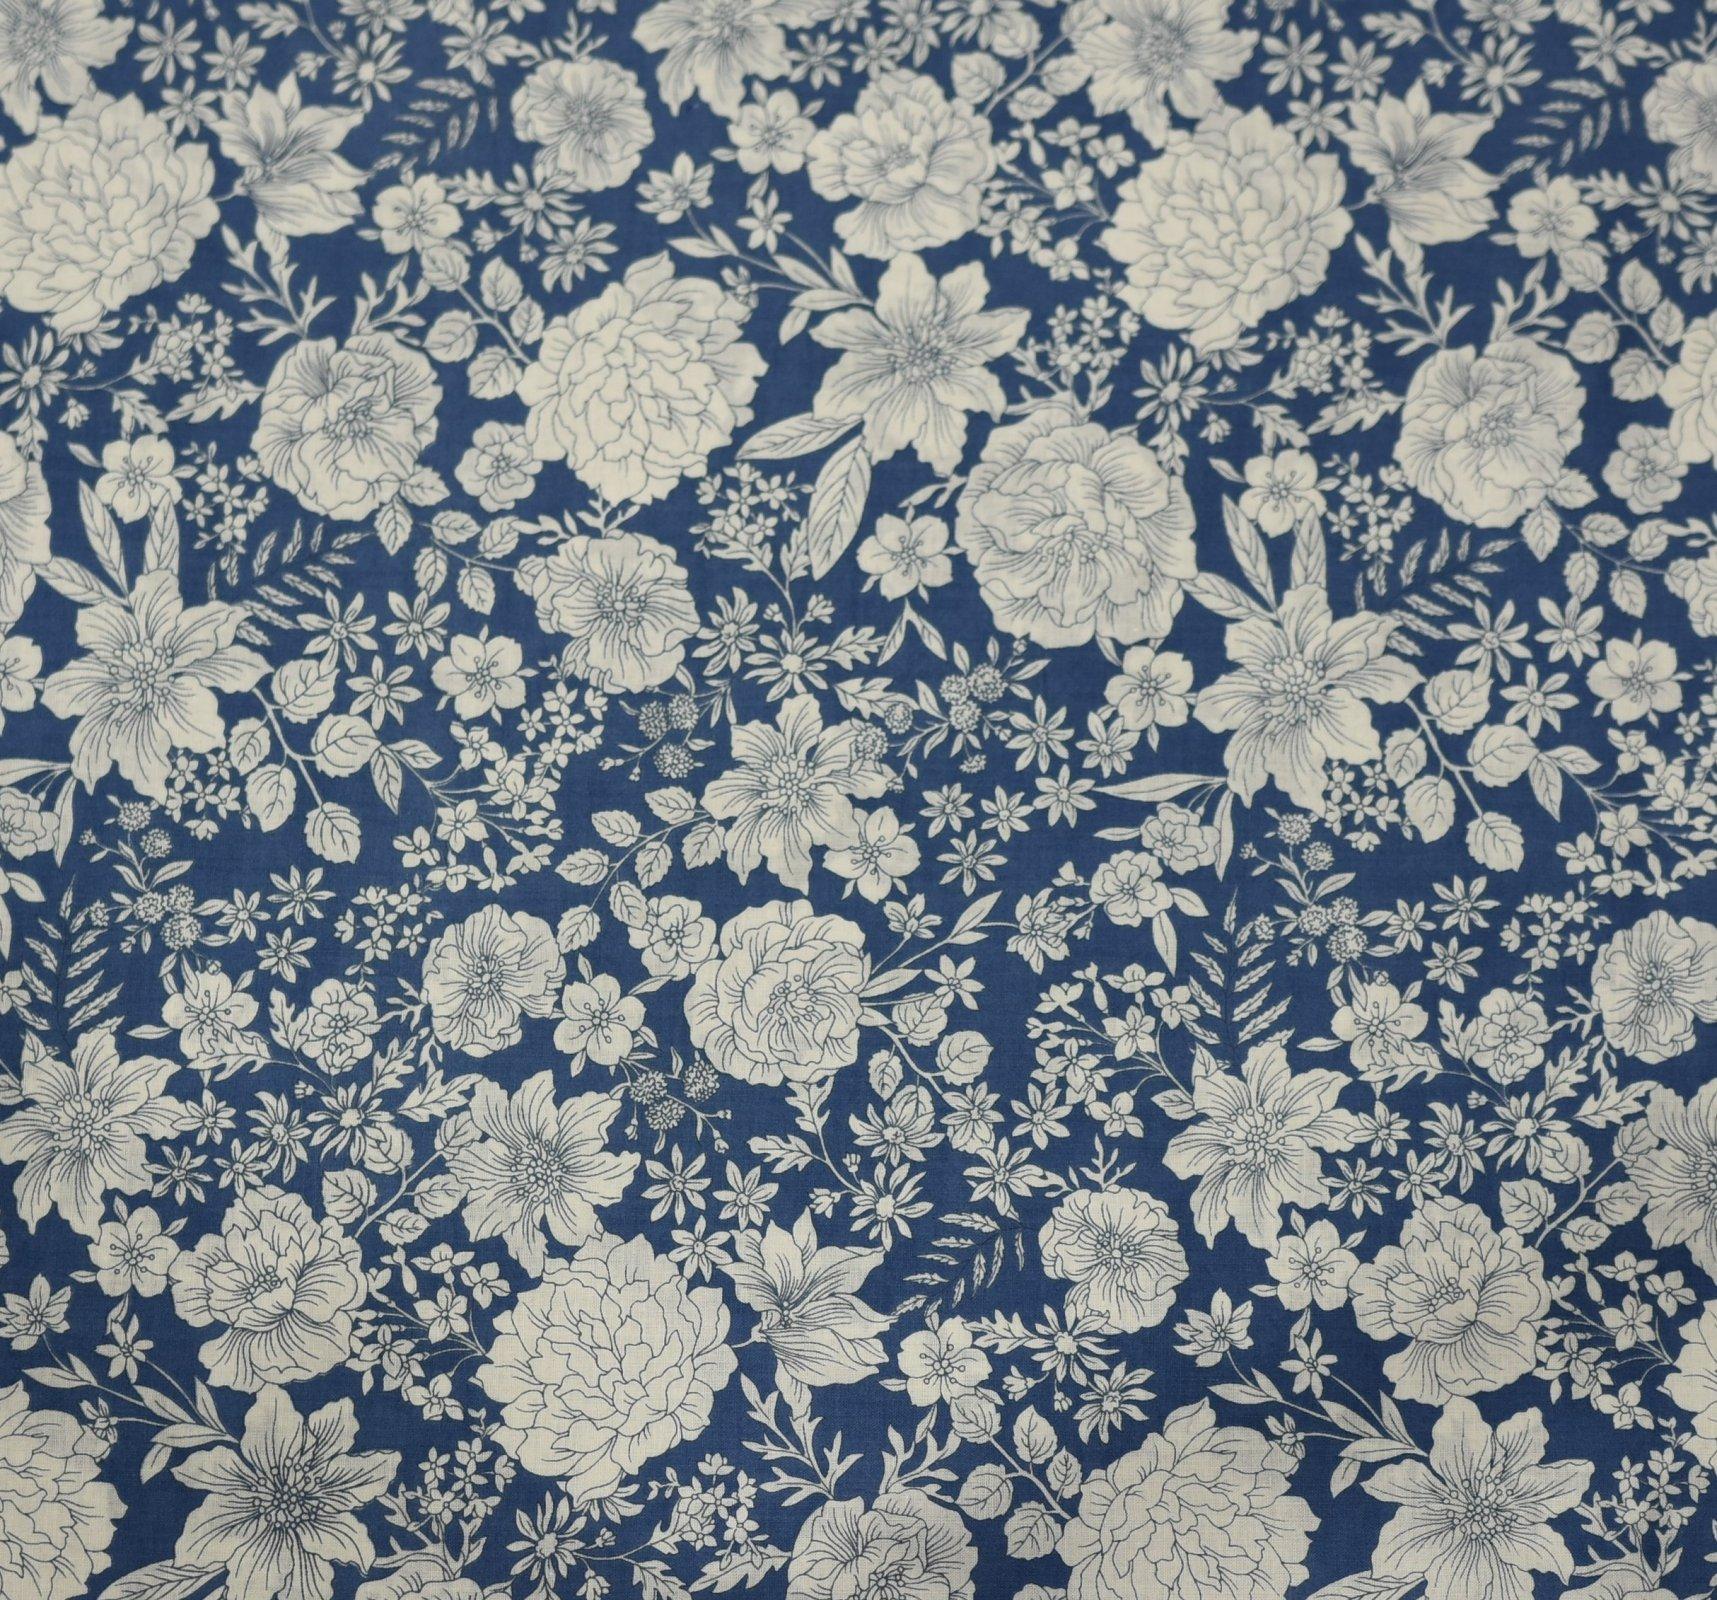 Sevenberry - Stencil Floral - Blue